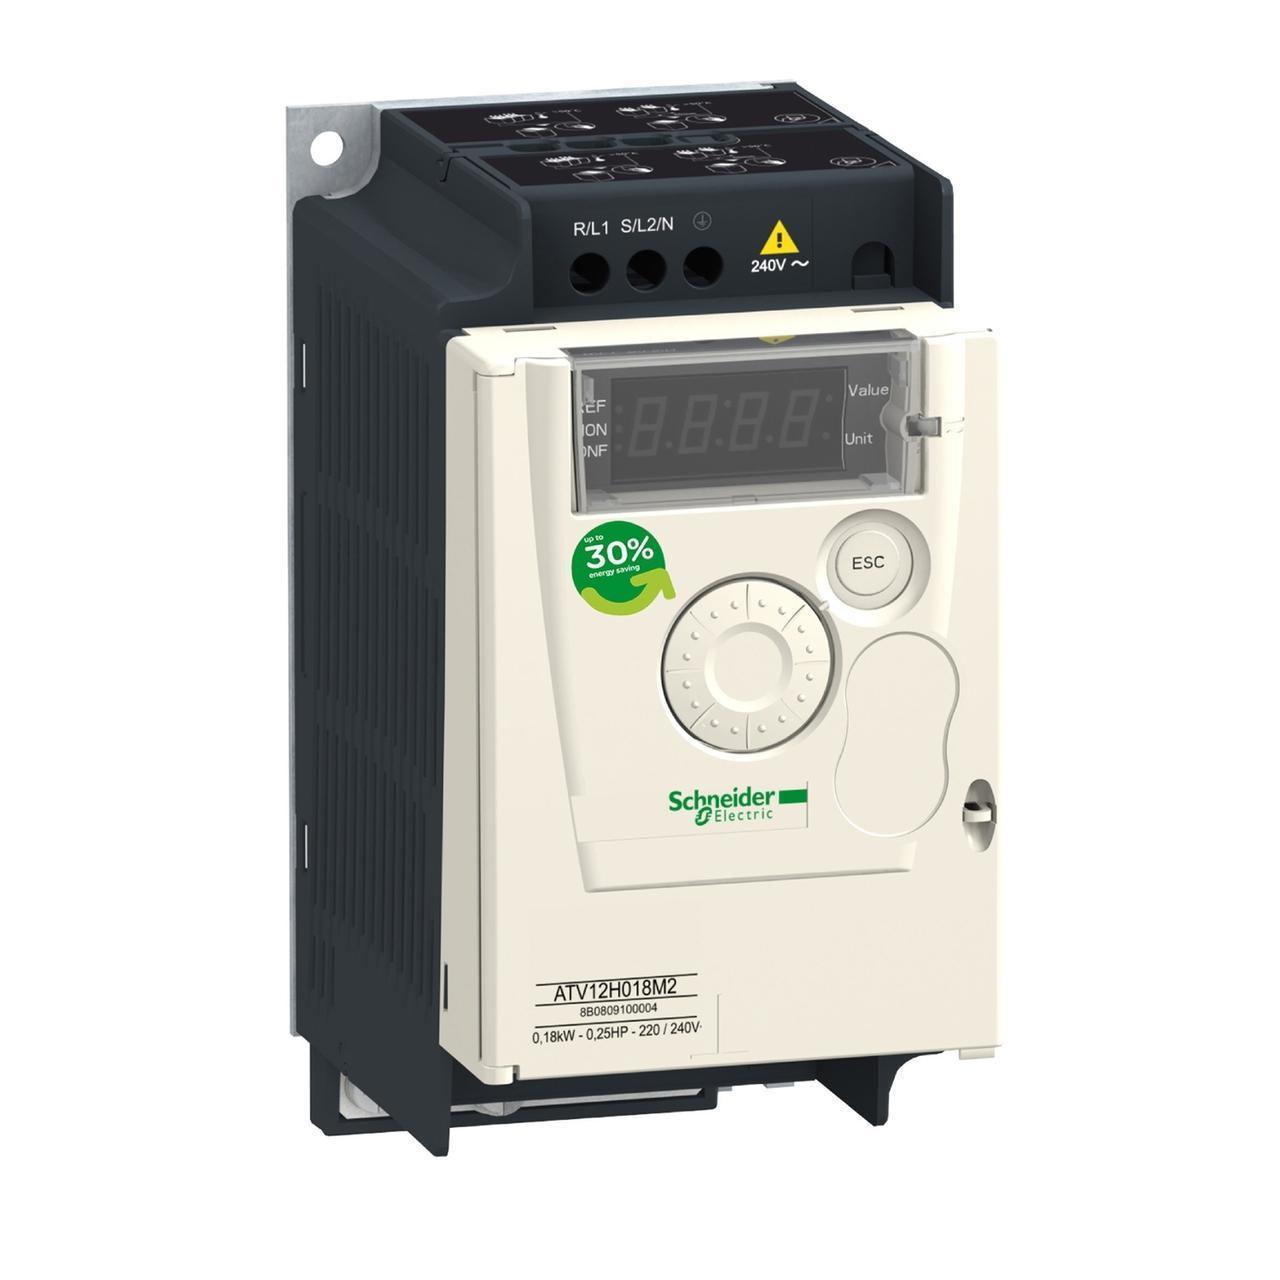 Преобразователь частоты ATV12HU22M2 2,2 кВт  200-240В  50/60Гц,  1ф, 24А